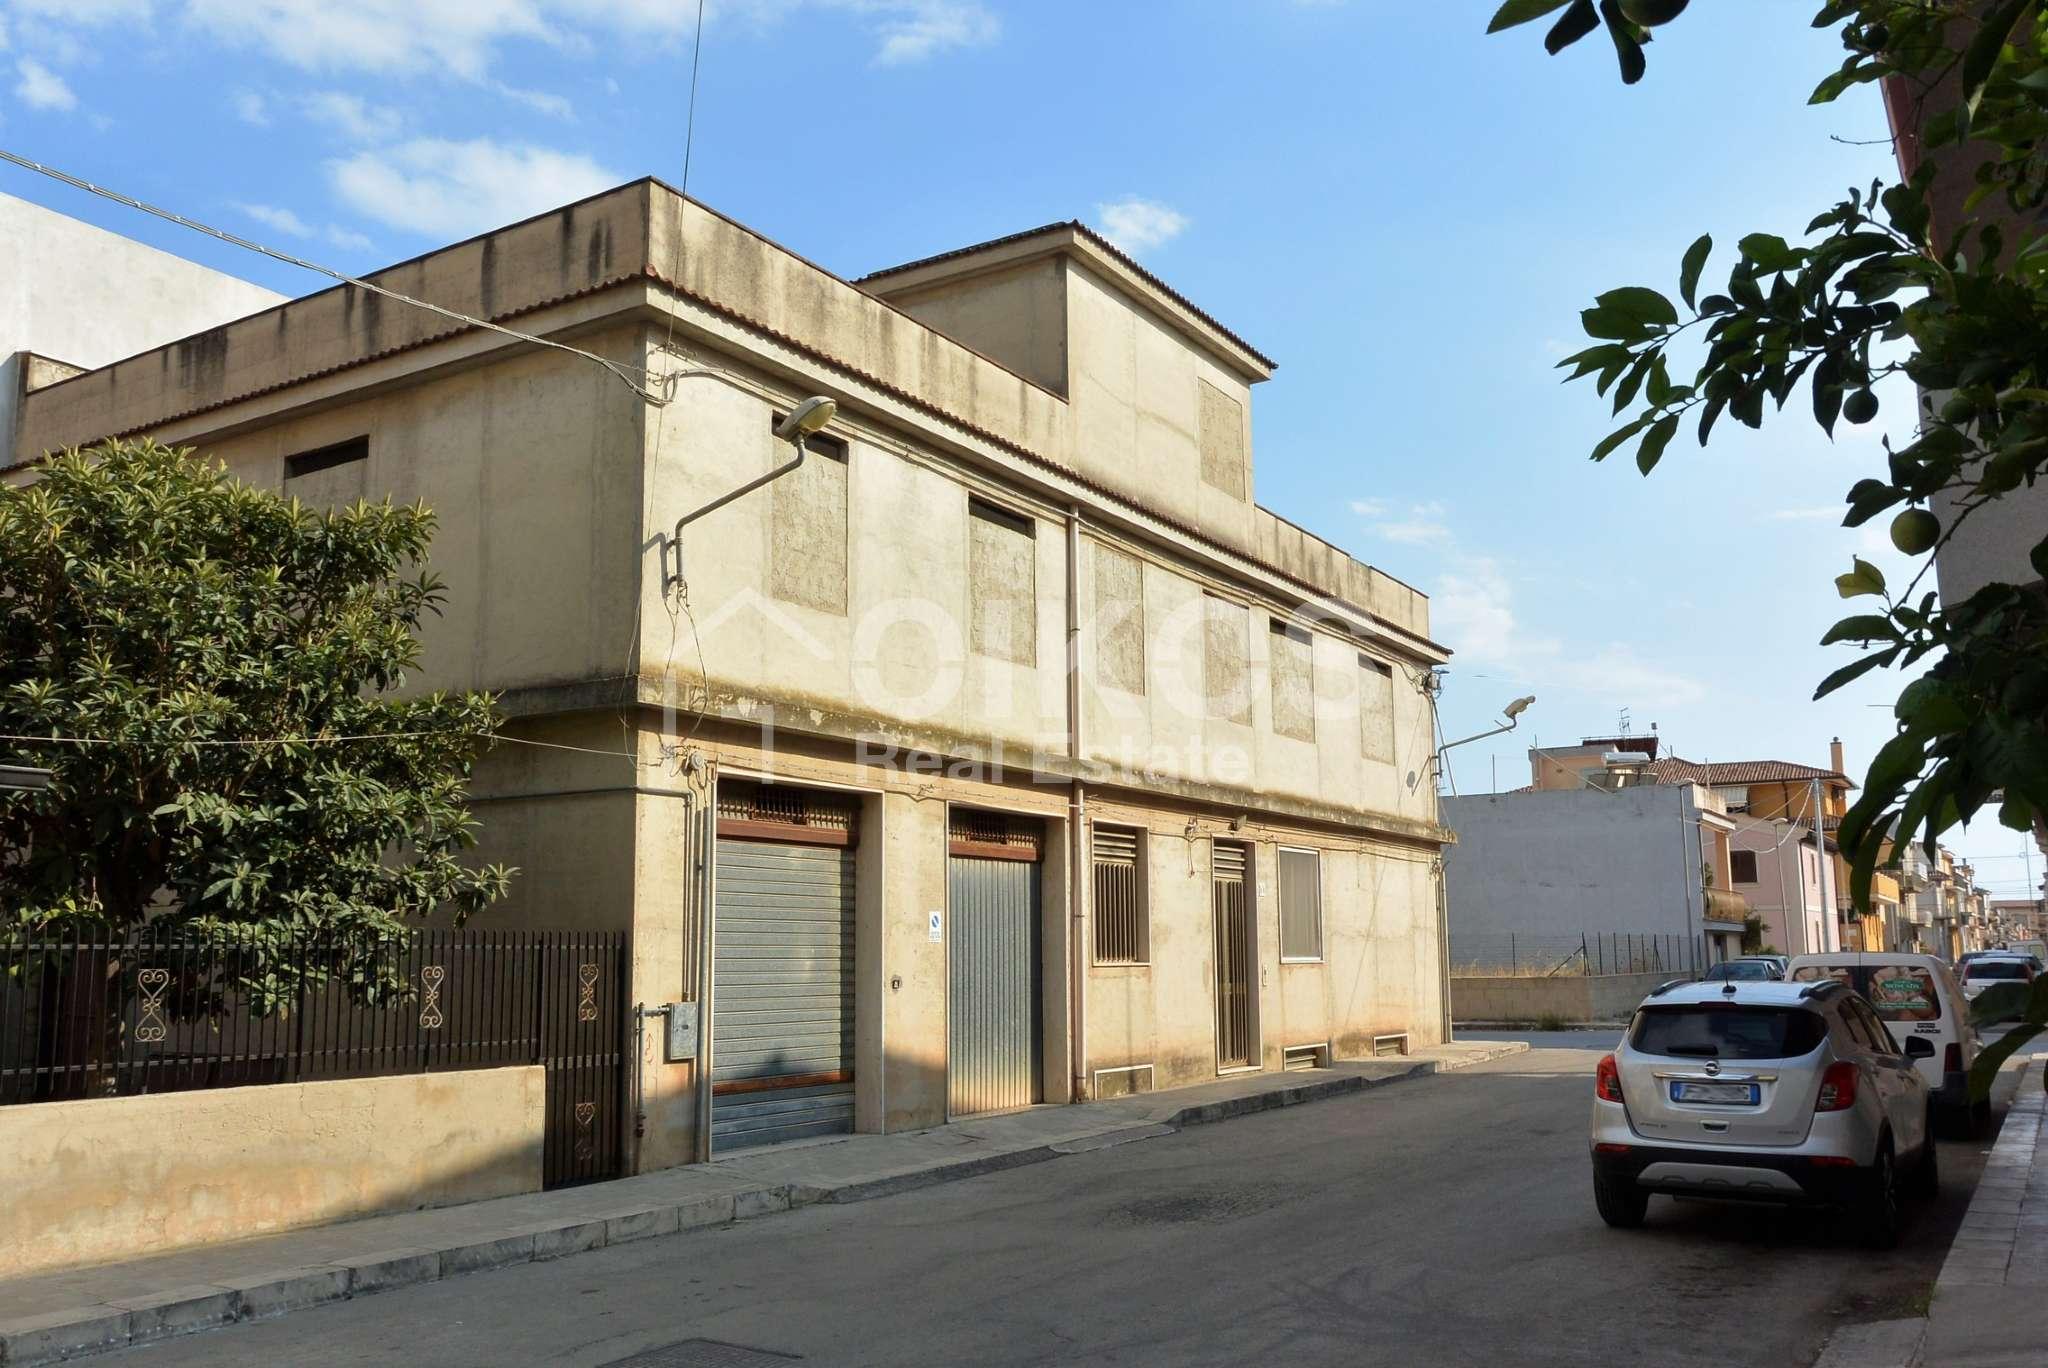 Appartamento in vendita a Rosolini, 5 locali, prezzo € 220.000 | PortaleAgenzieImmobiliari.it